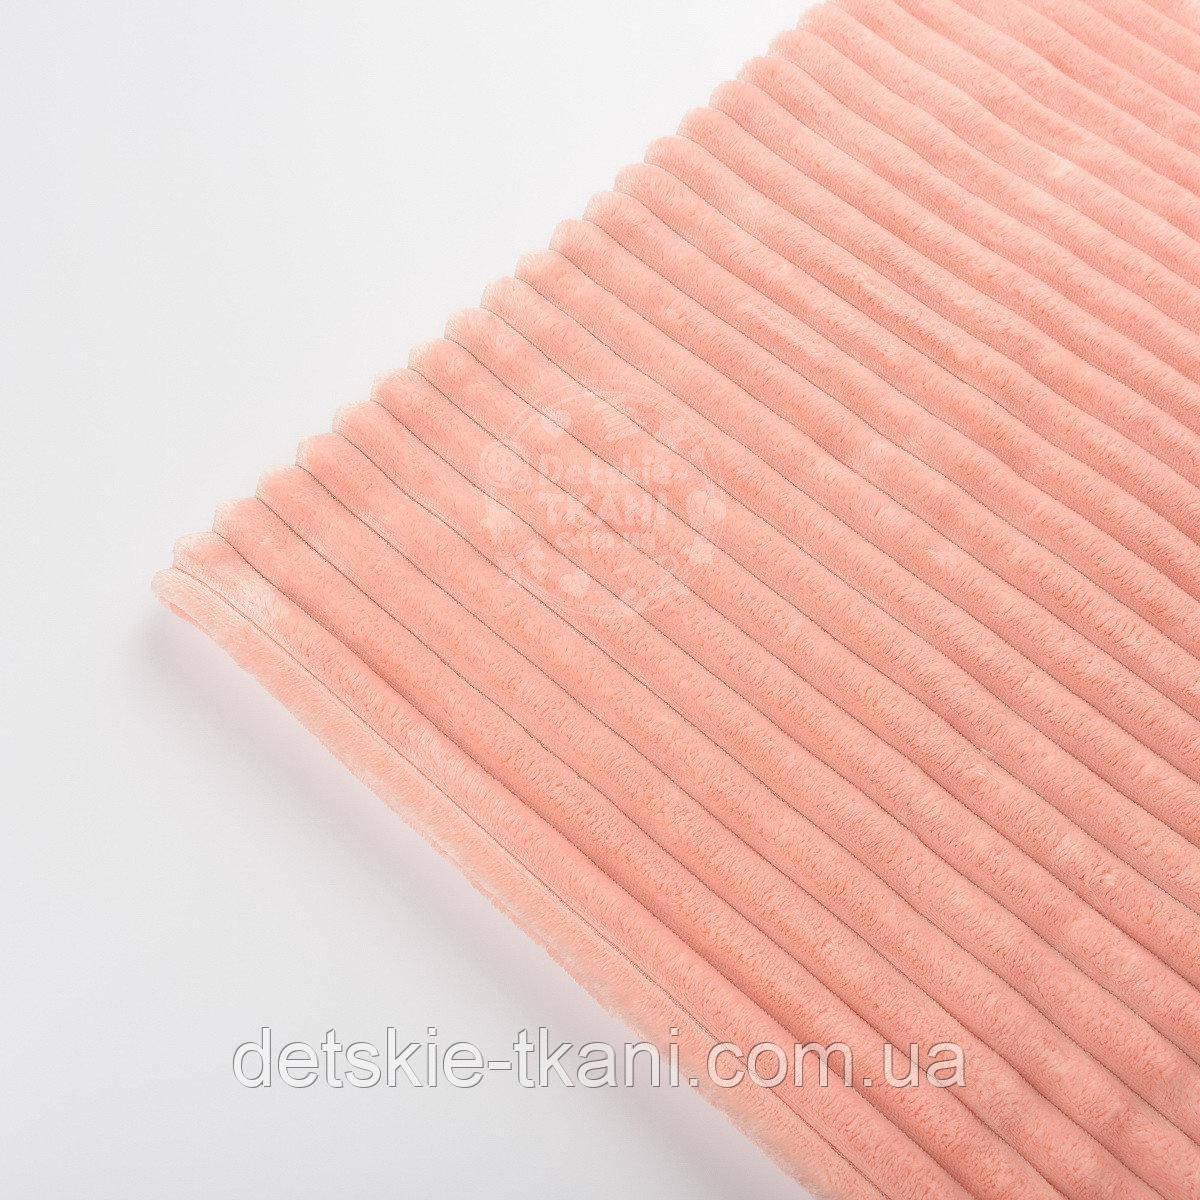 Лоскут плюша в полоску Stripes, цвет персиковый 55*160 см